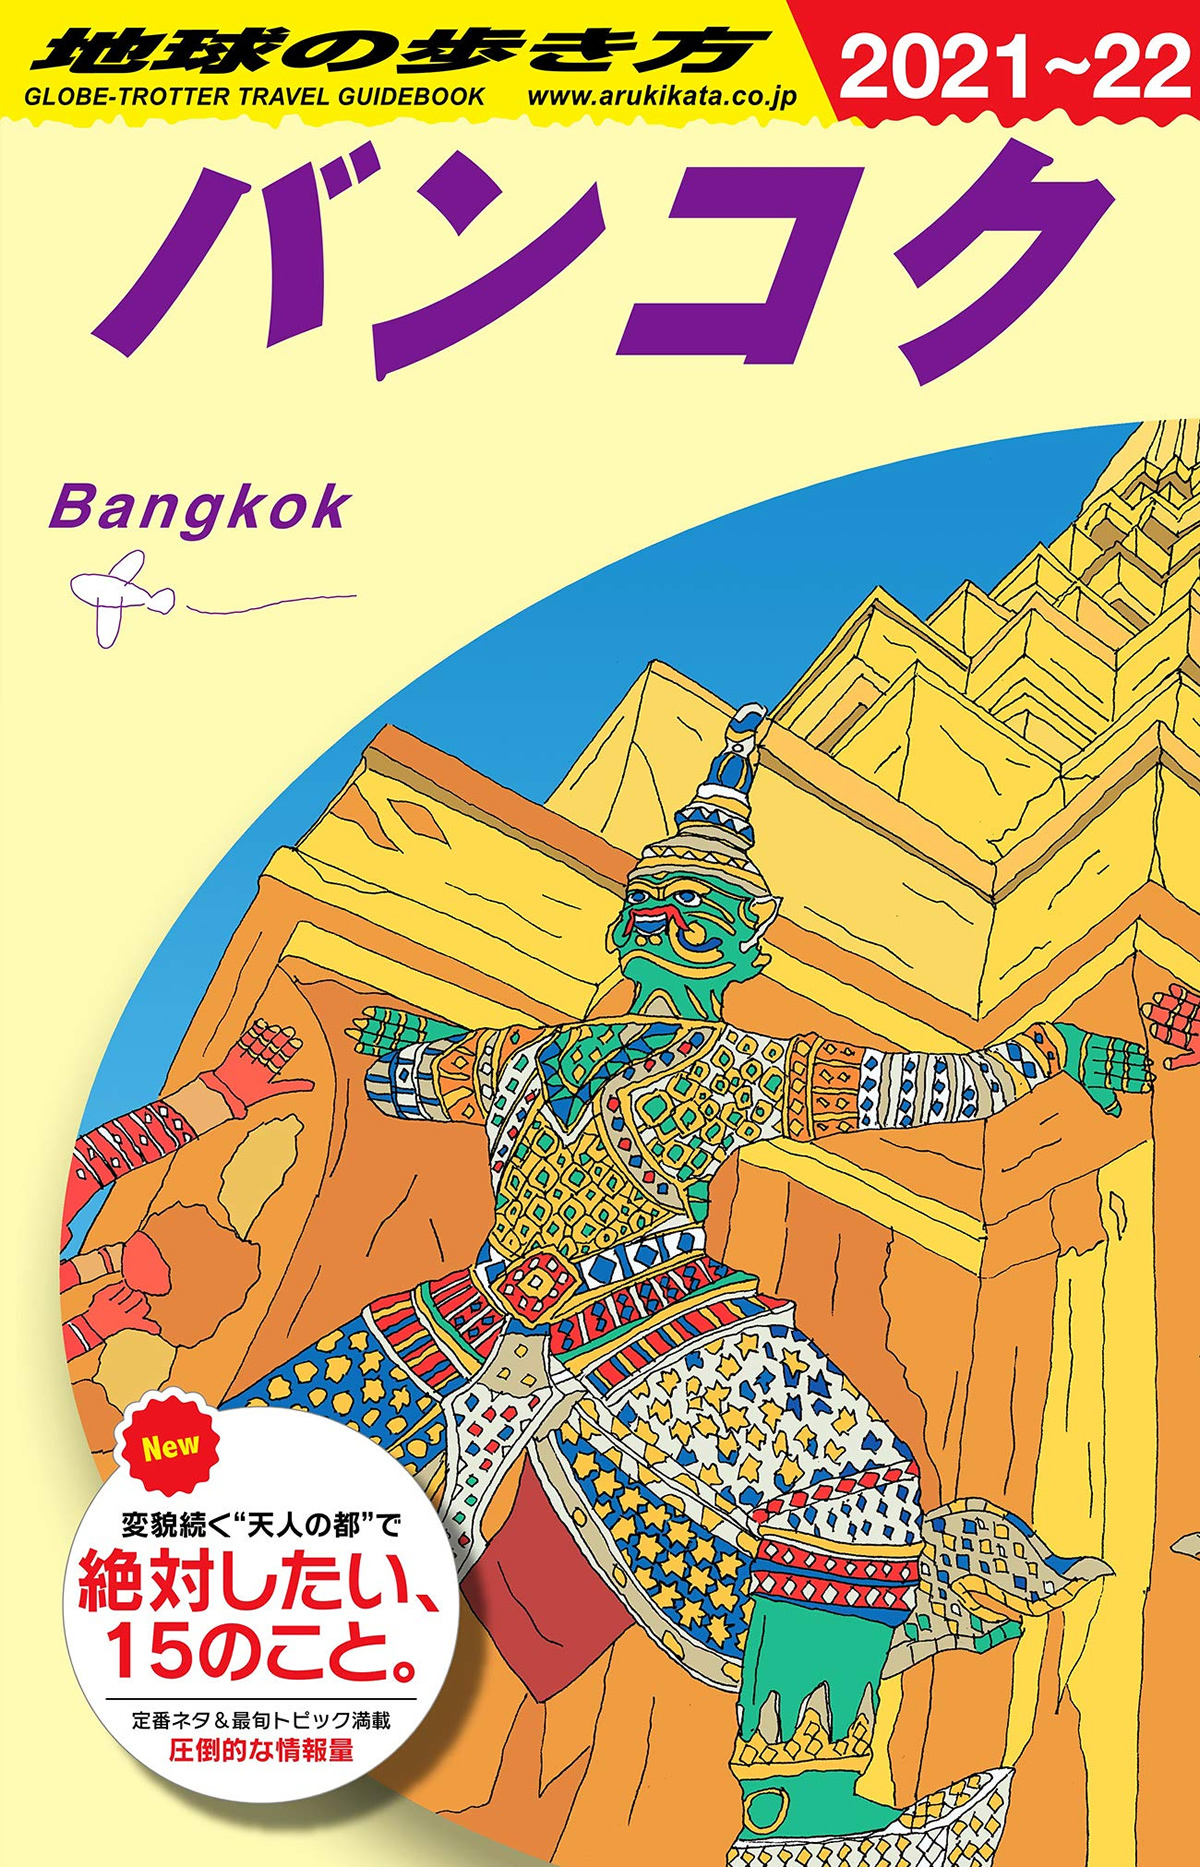 ガイドブック最新版「地球の歩き方 バンコク」は2020年8月発売